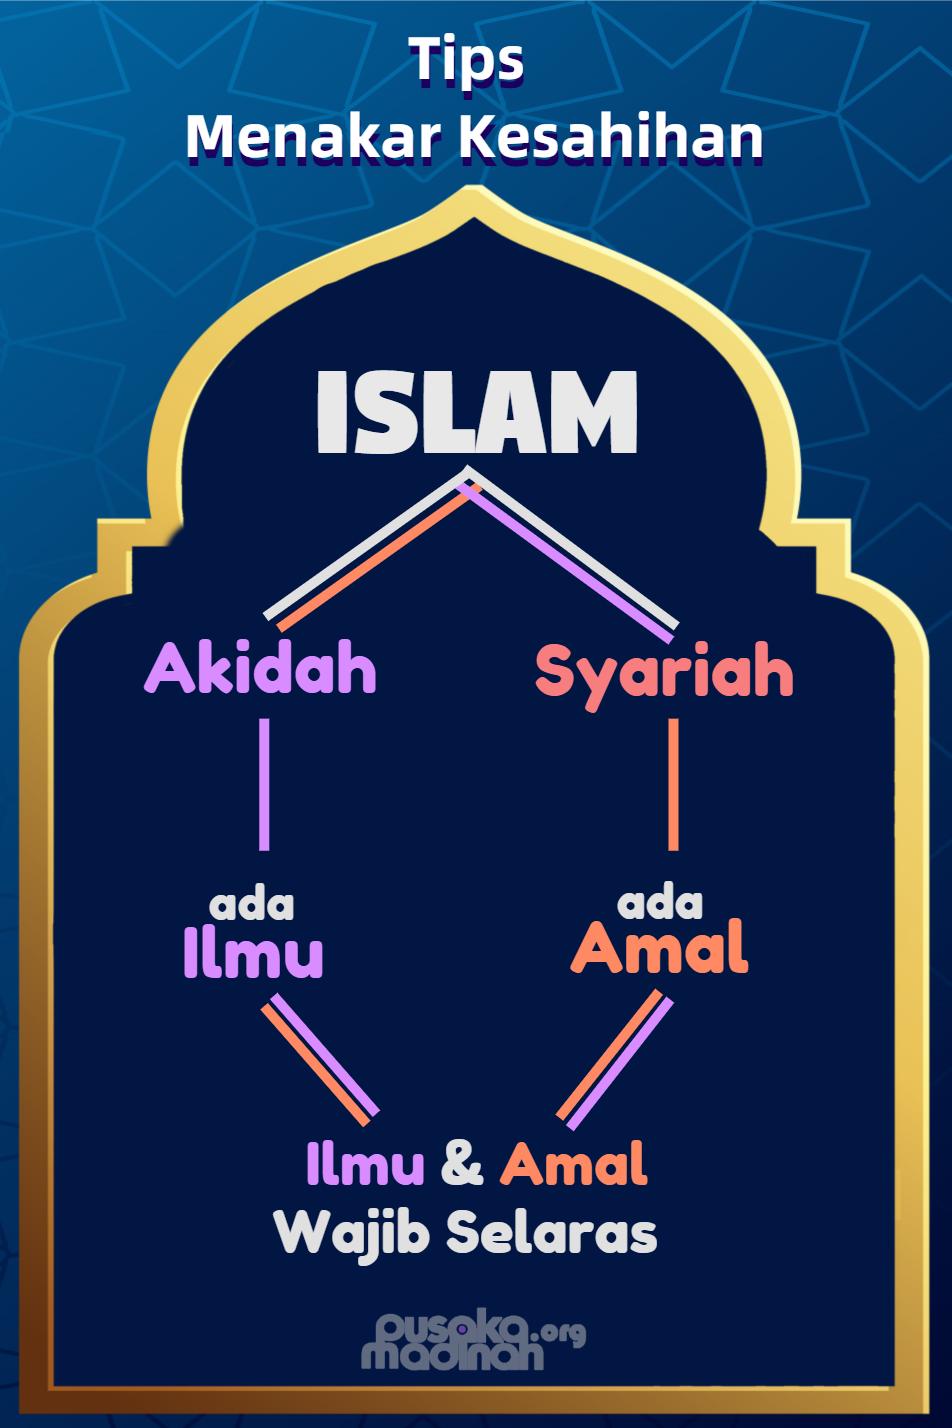 Bagan Kesahihan Islam